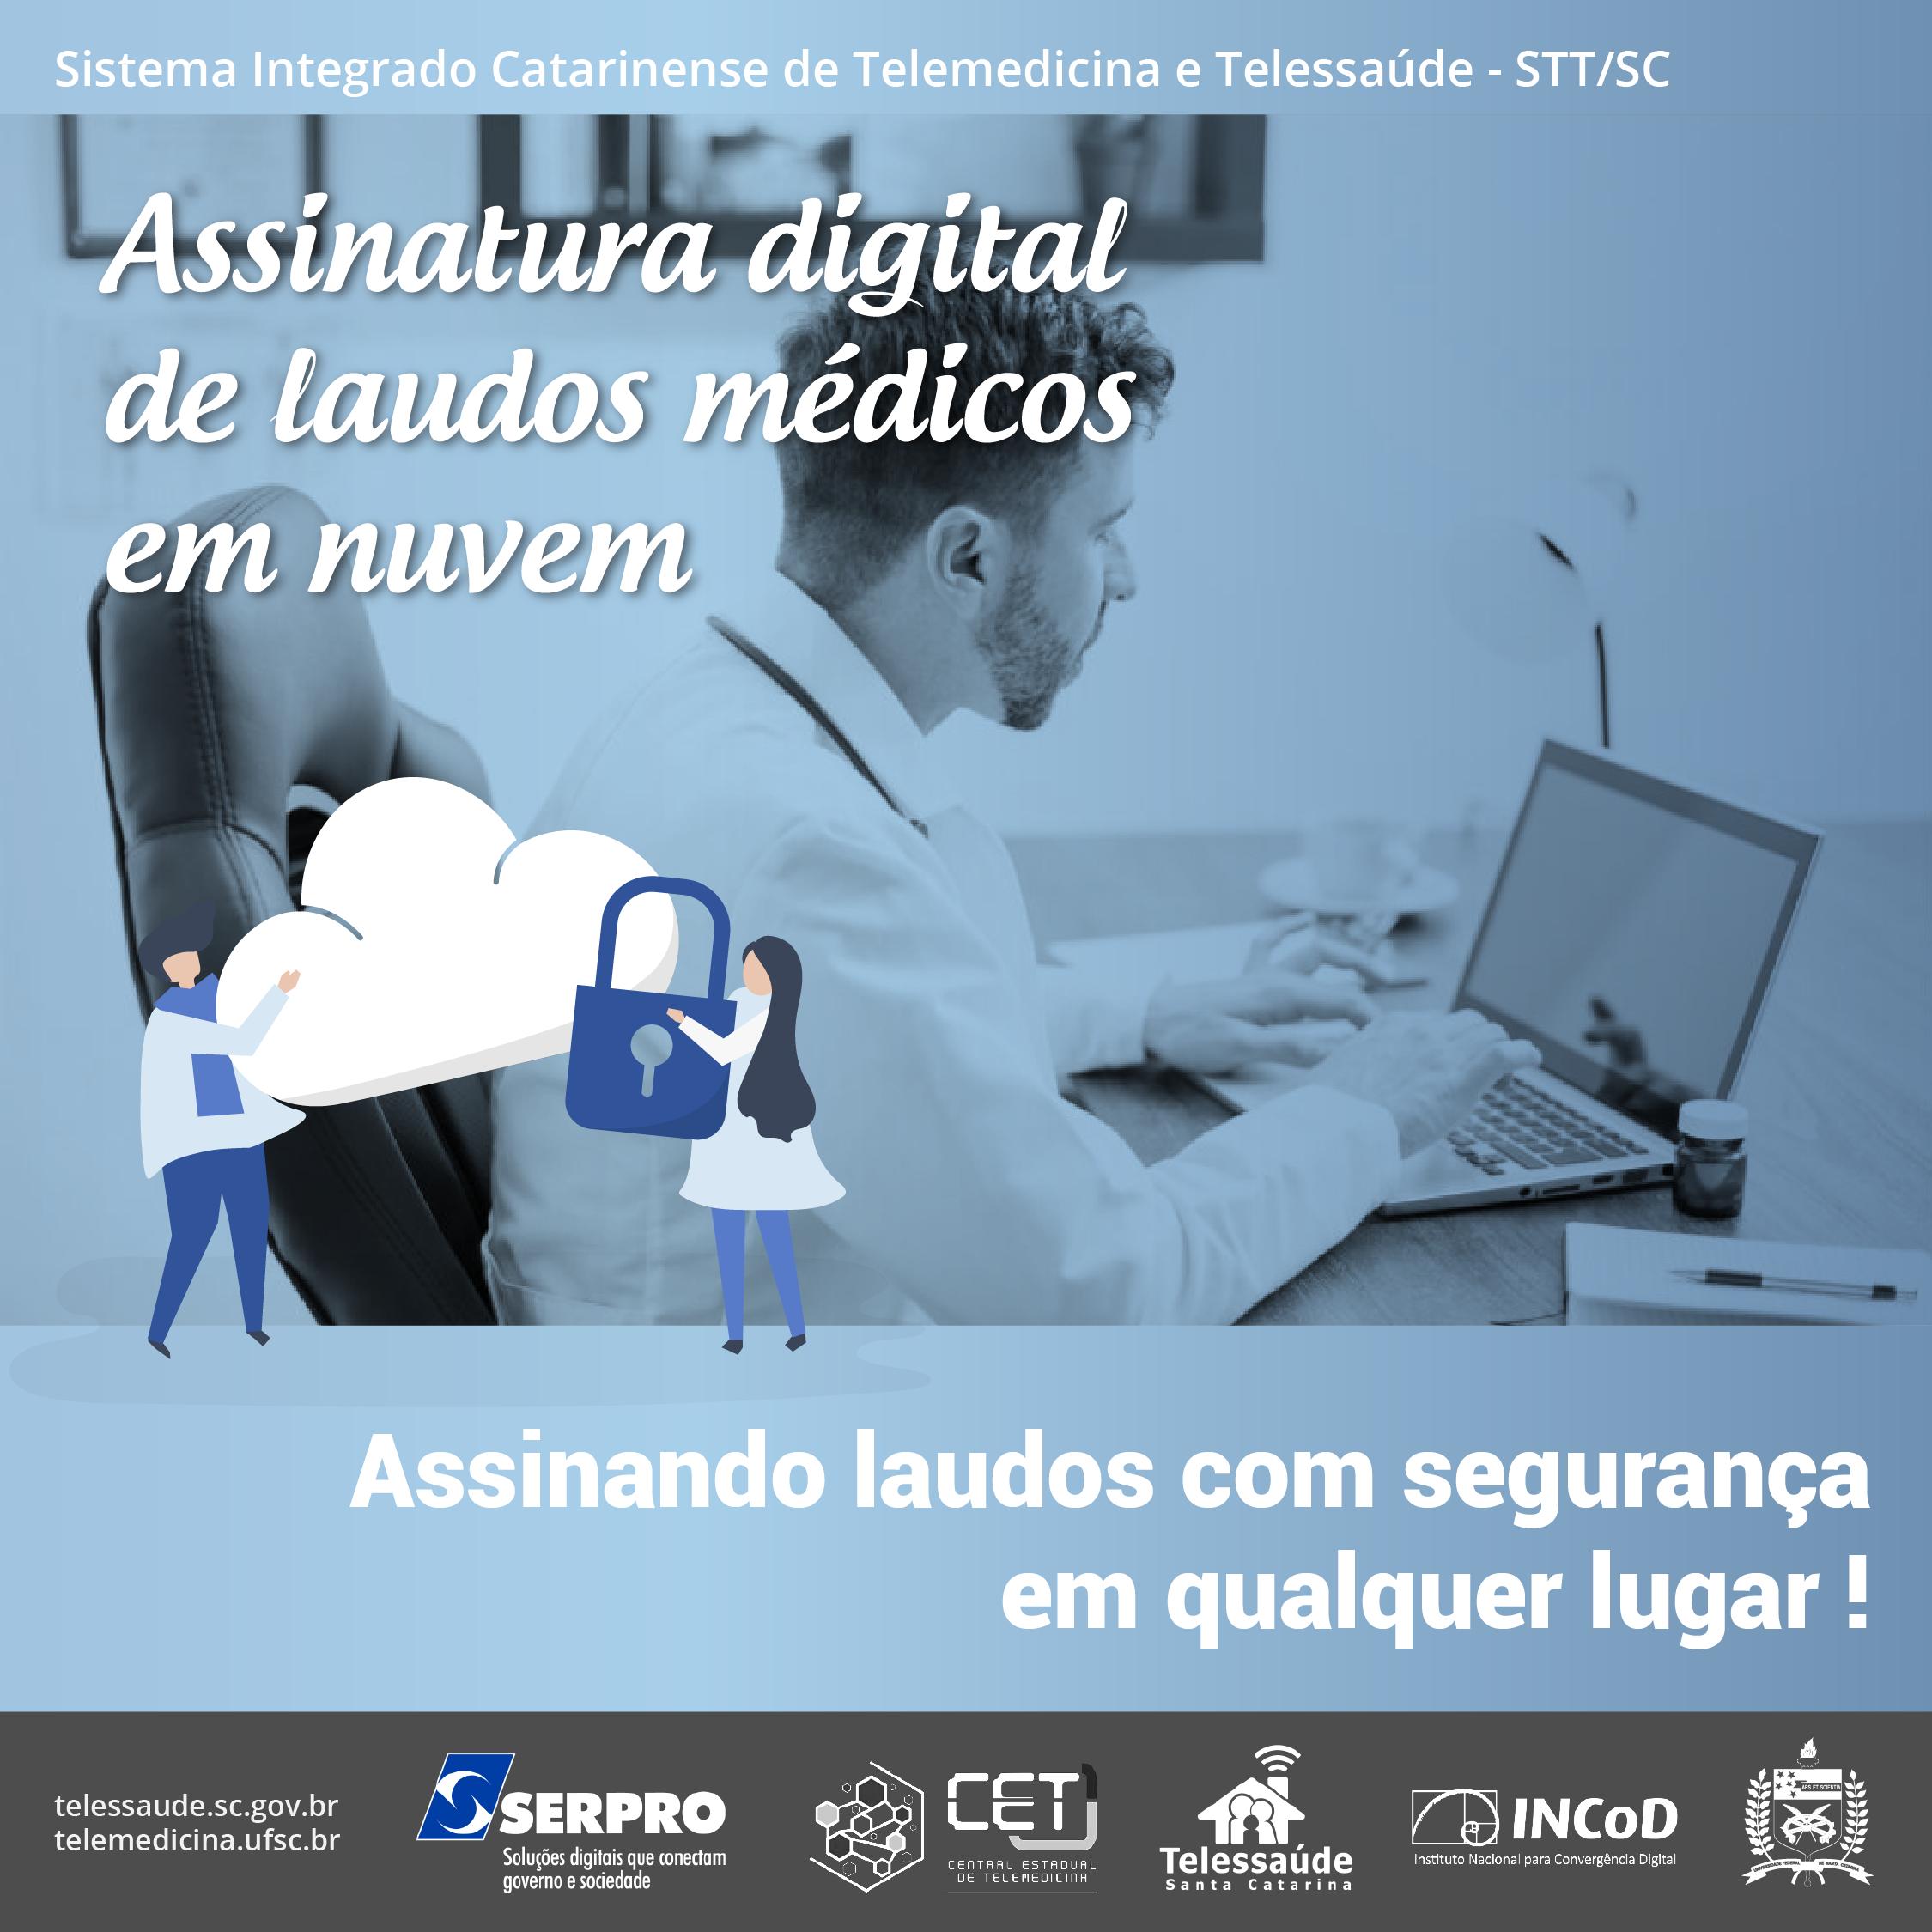 Assinatura digital-01-01